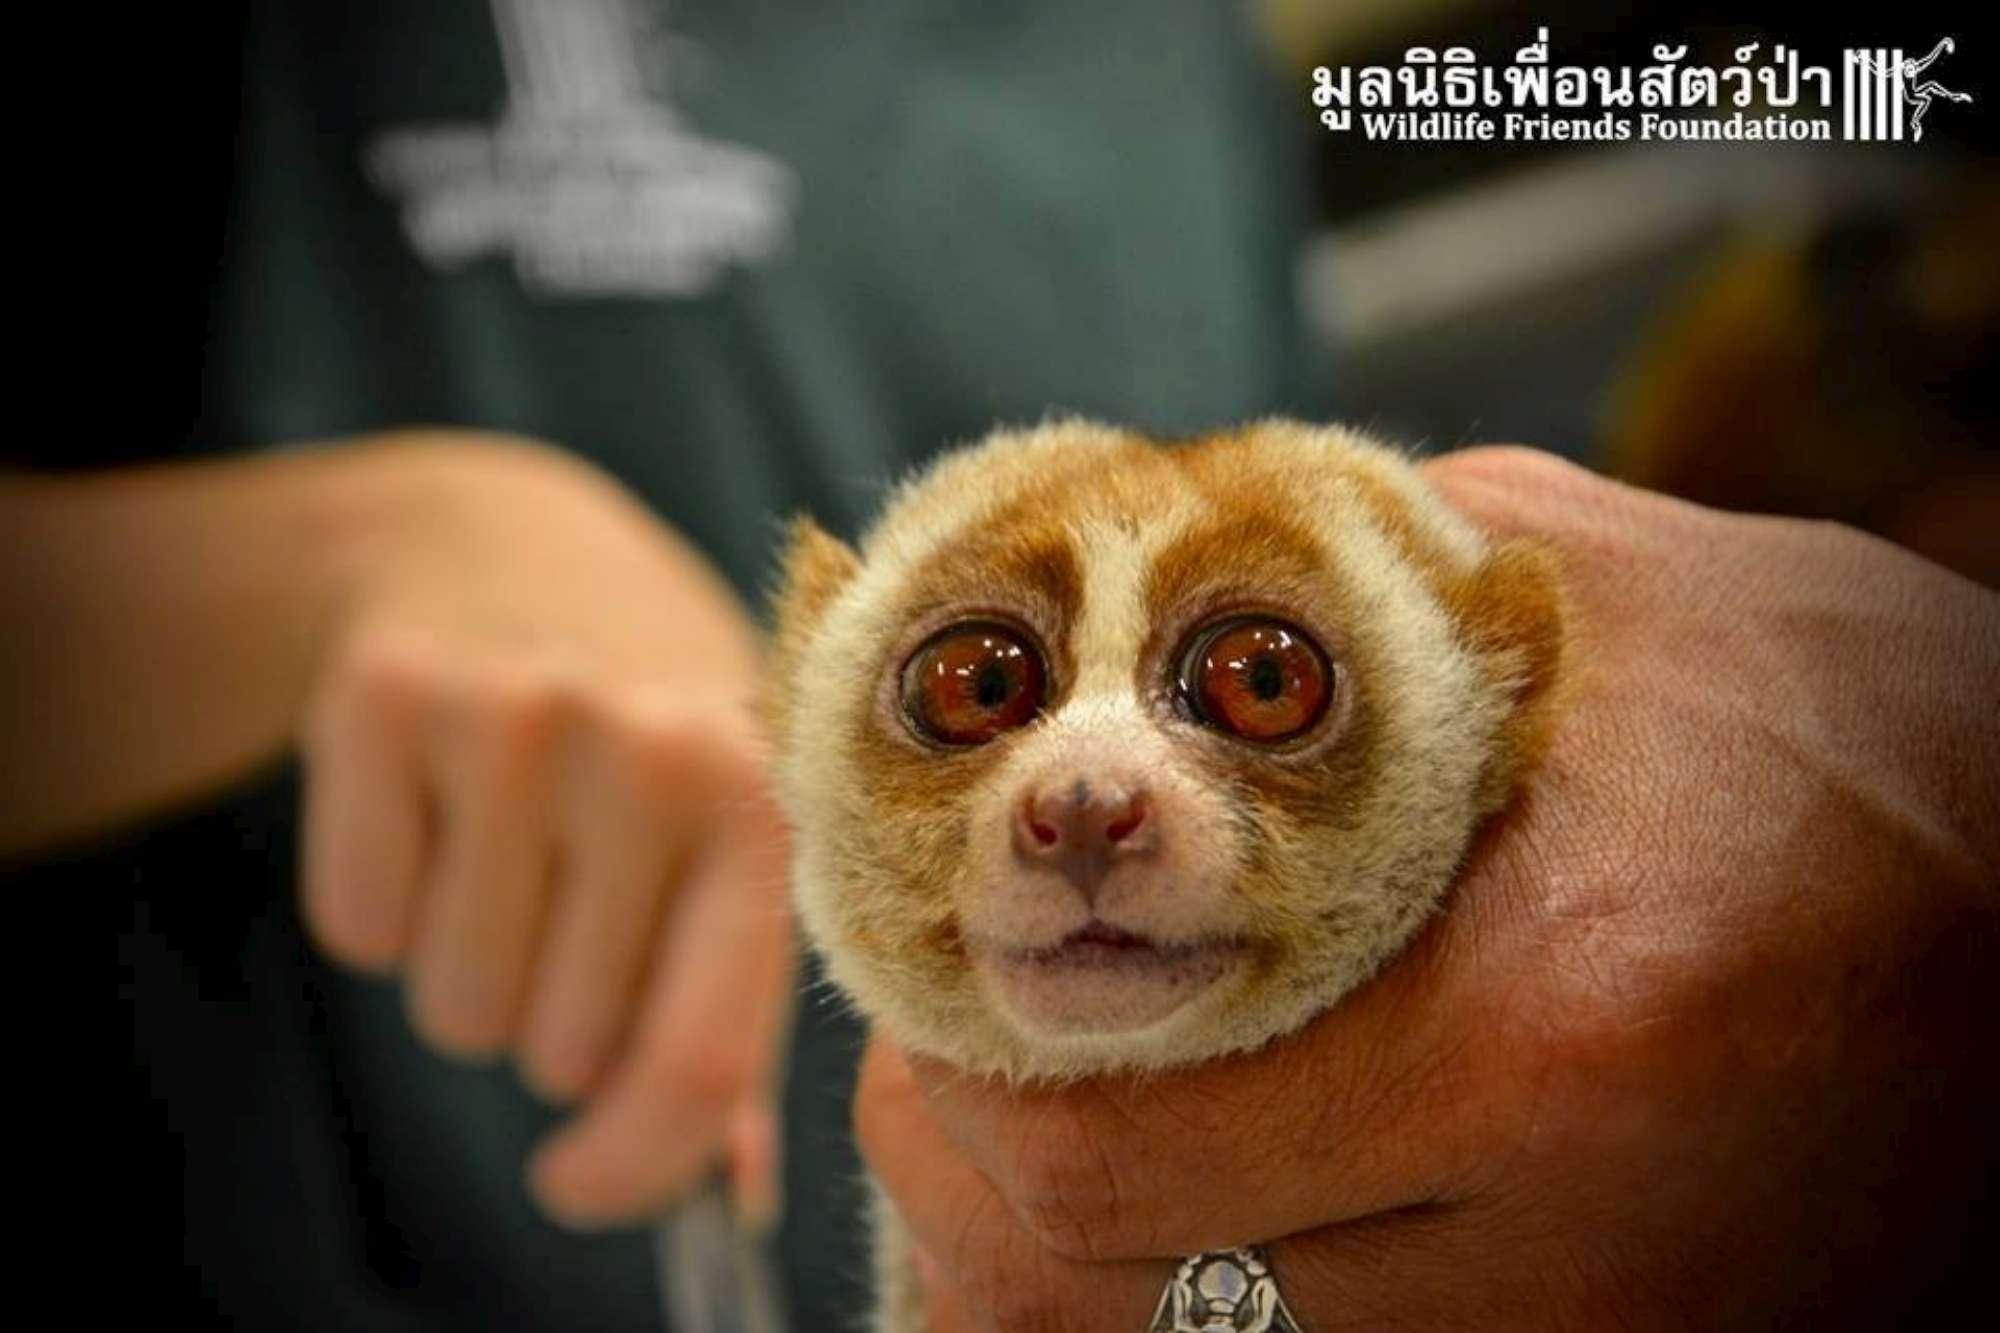 Thailandia, la piccola scimmia seviziata per fare selfie con i turisti